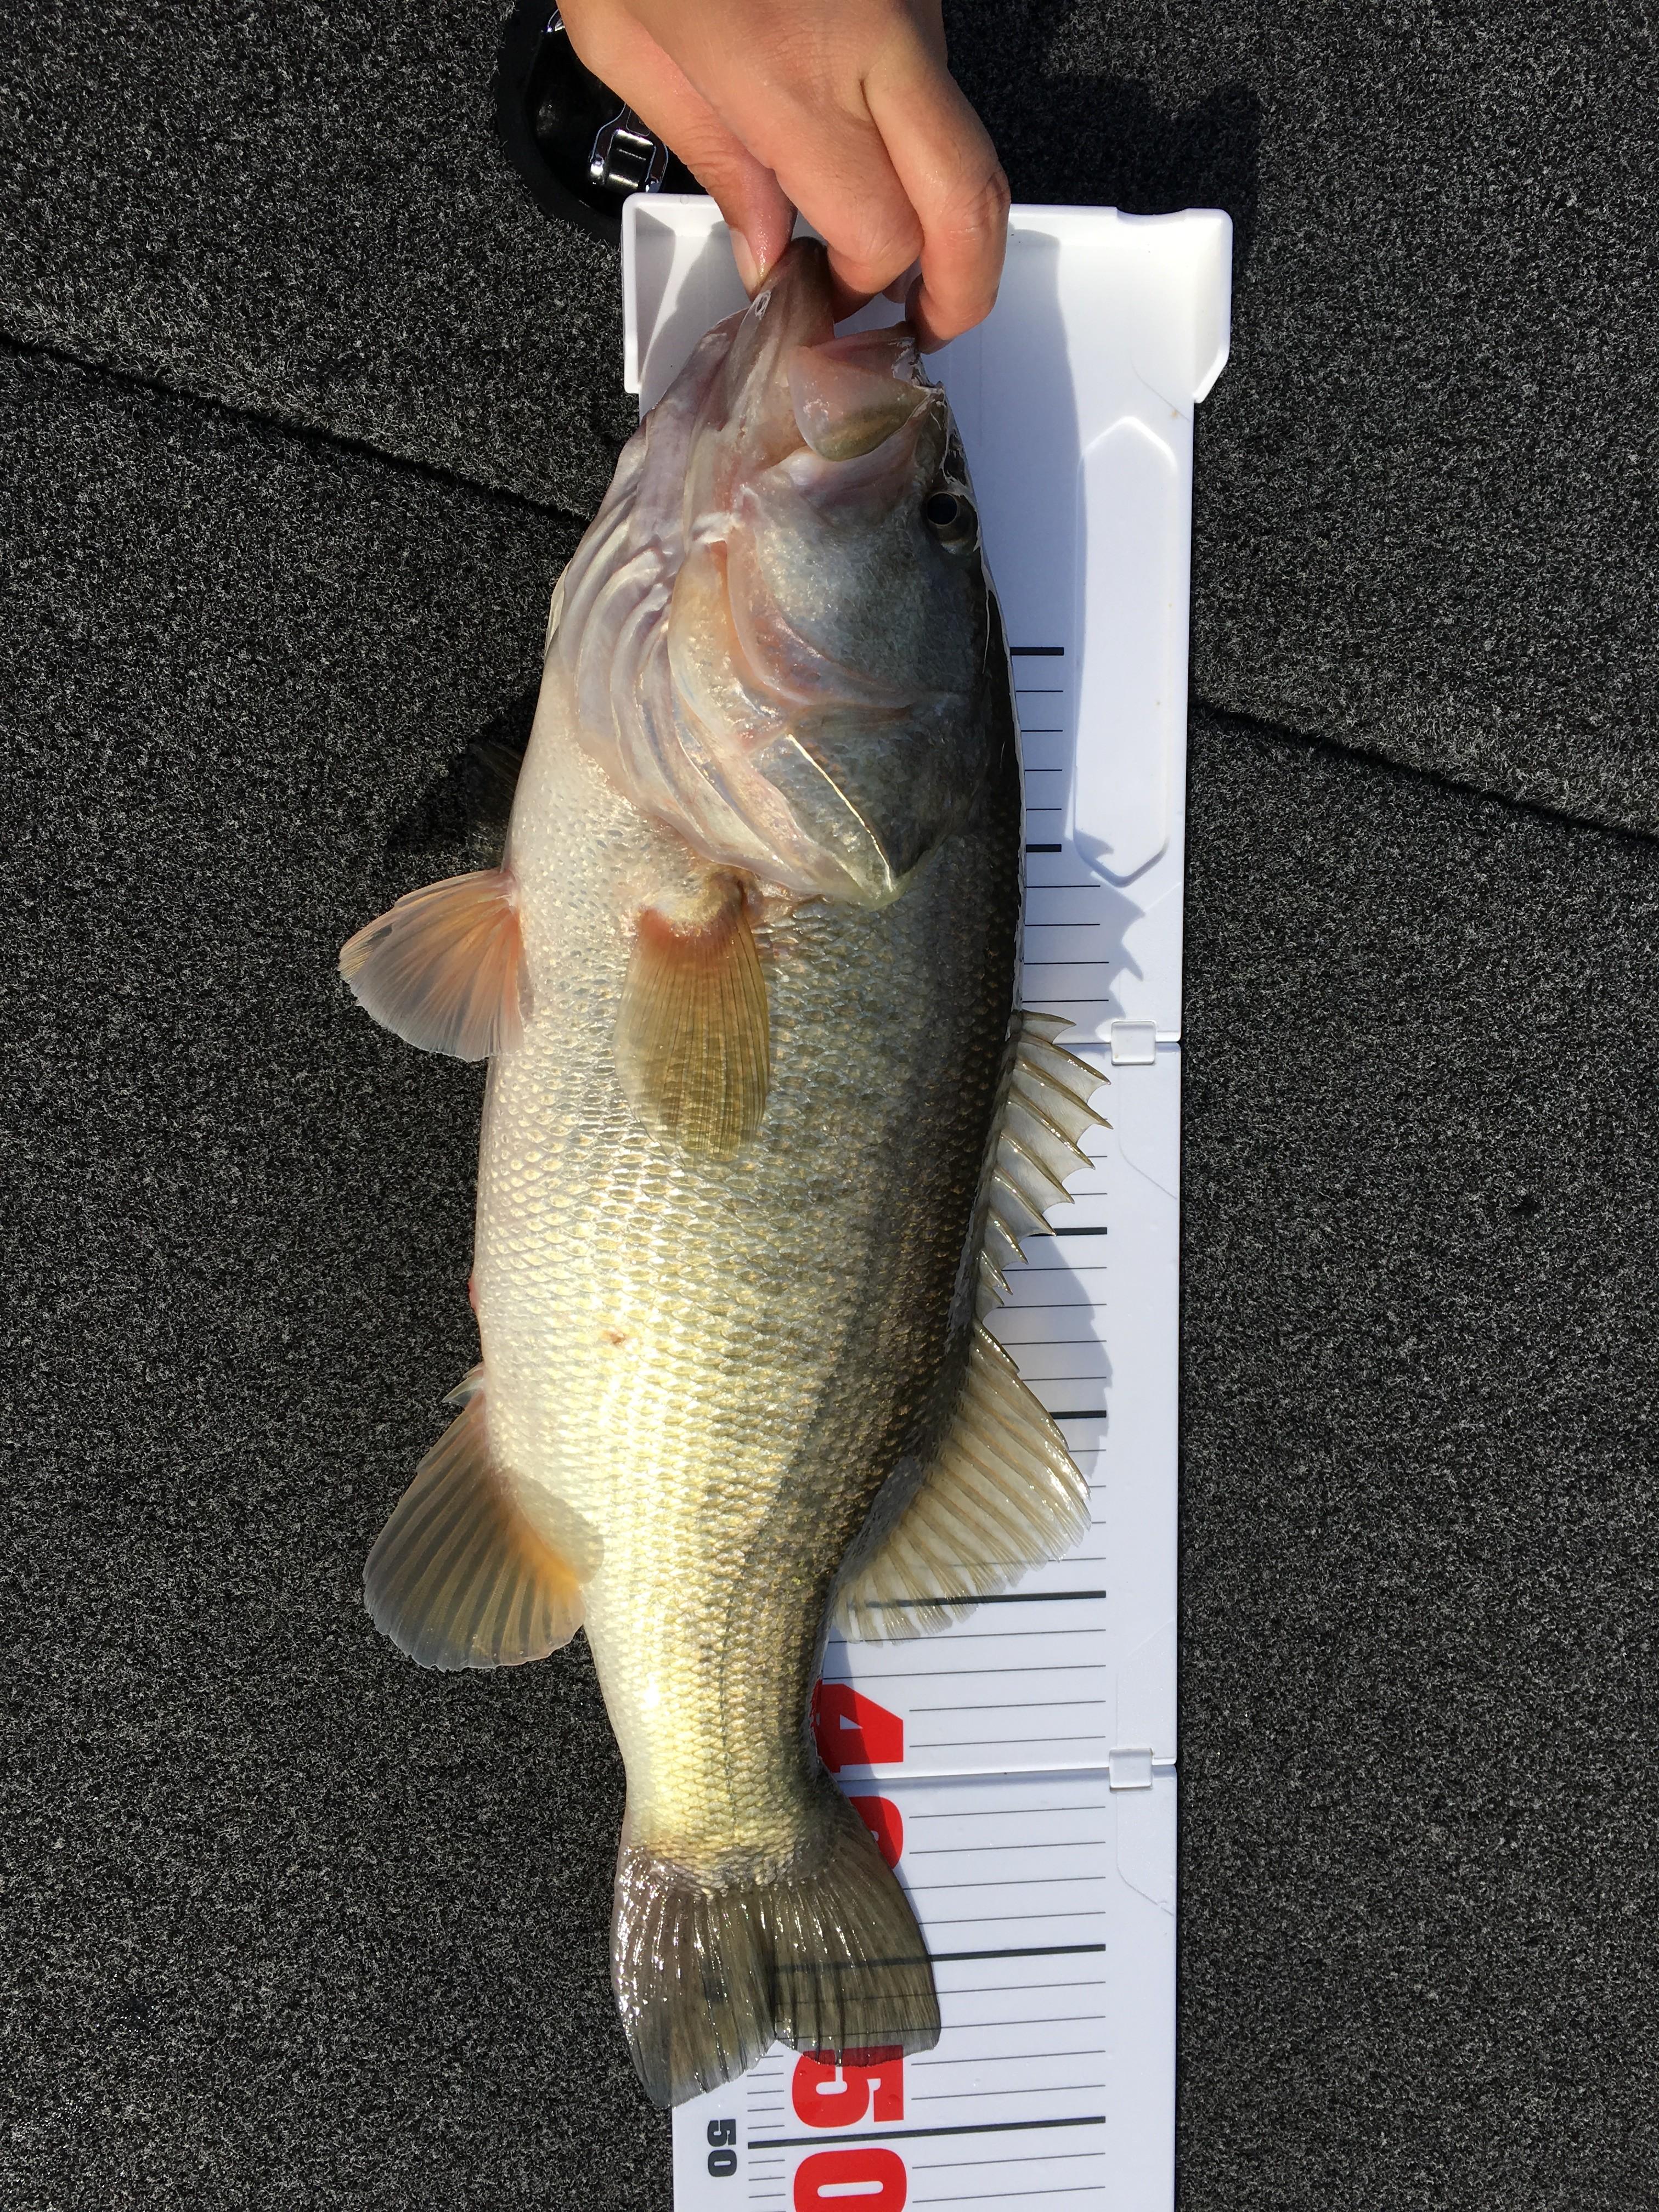 釣ったら】バス釣を撮影して晒せ!70【うp】 [無断転載禁止]©2ch.netYouTube動画>4本 ->画像>549枚